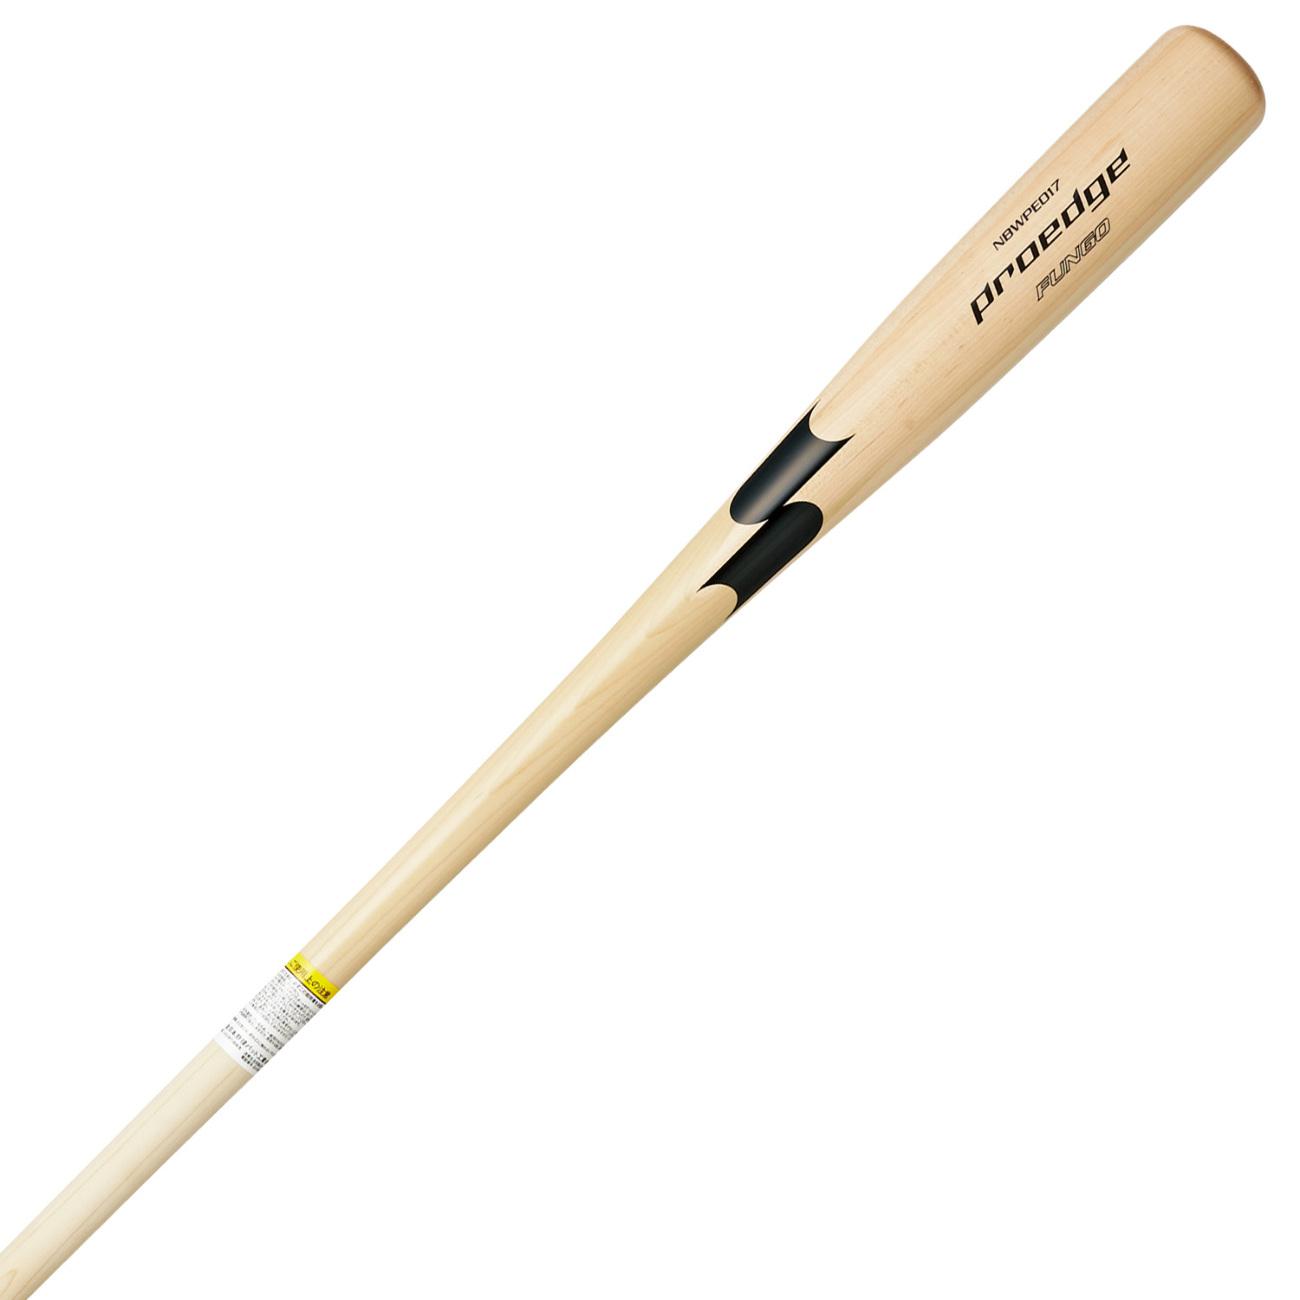 SSKBASEBALL【proedge(プロエッジ)】木製 FUNGO ナチュラル